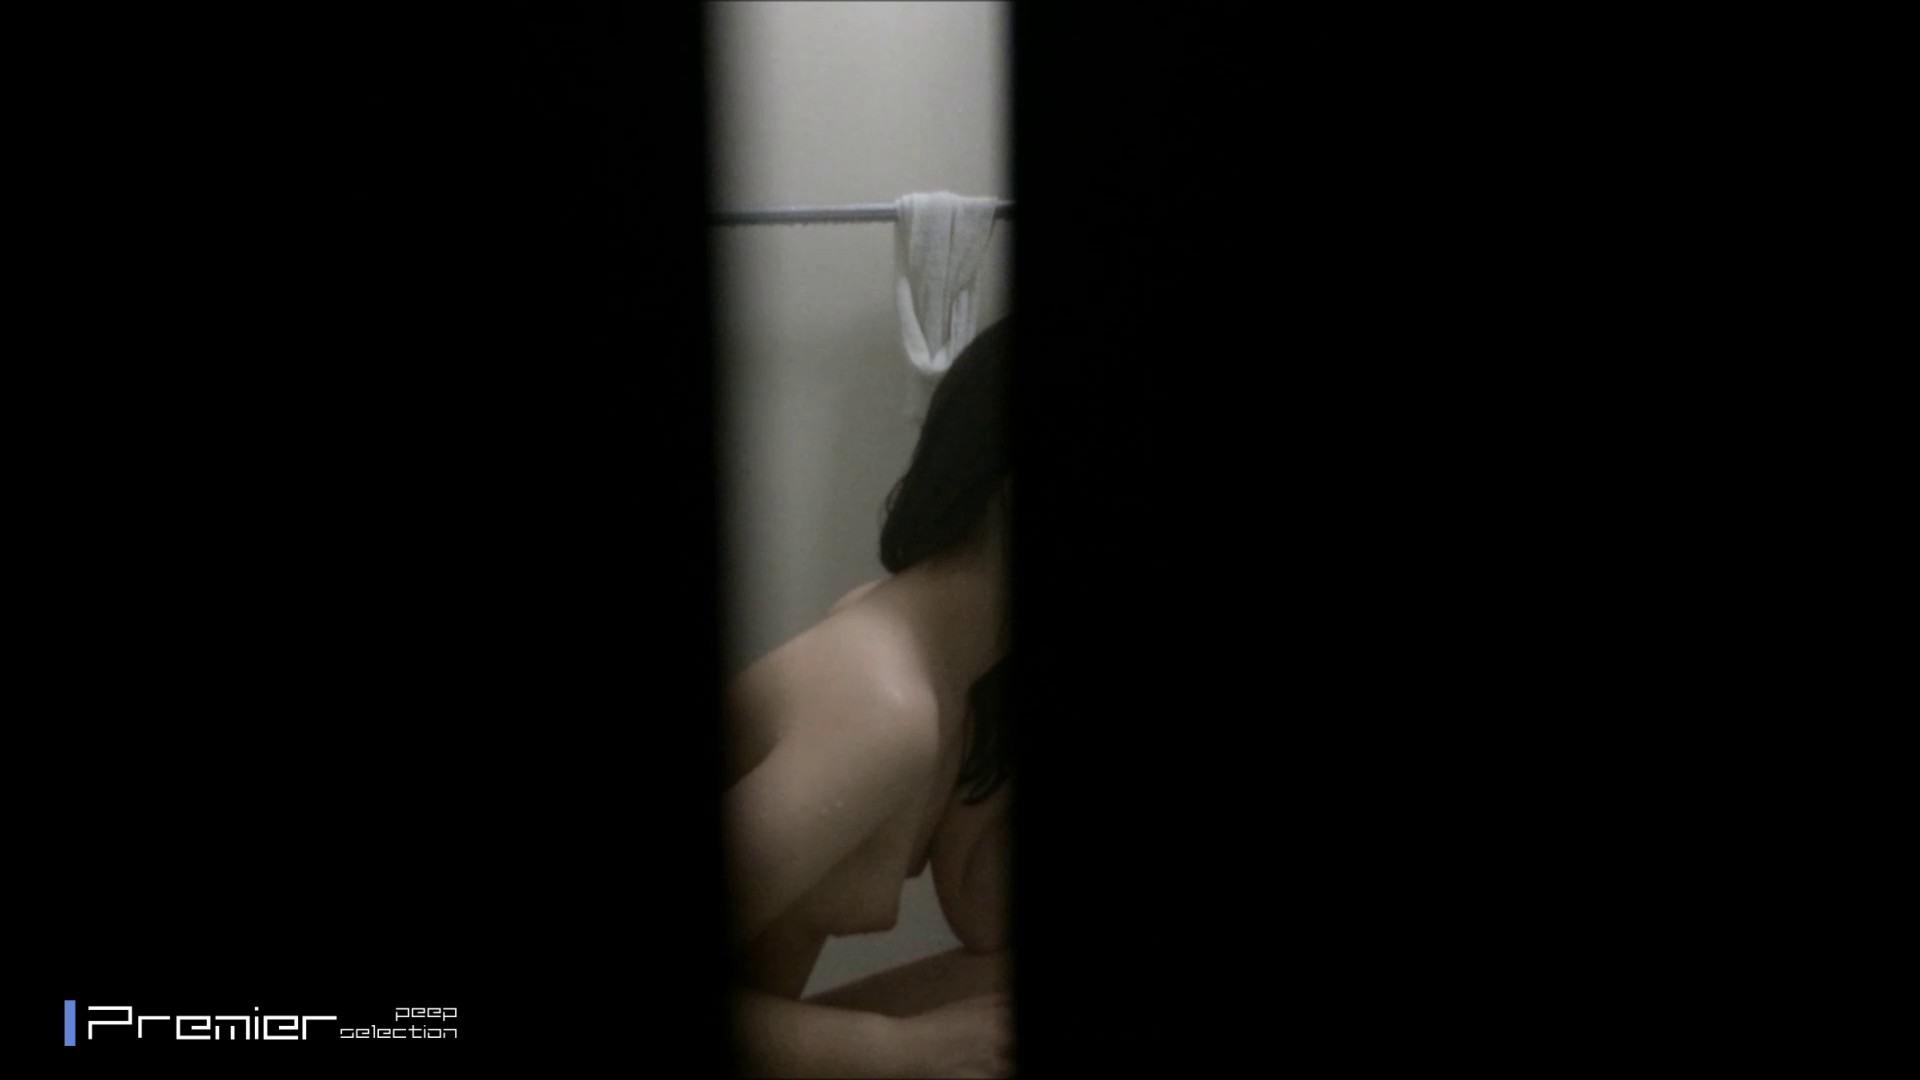 色白美乳の清楚な黒髪 乙女の風呂場 Vol.24 OLの実態 盗撮AV動画キャプチャ 101pic 87